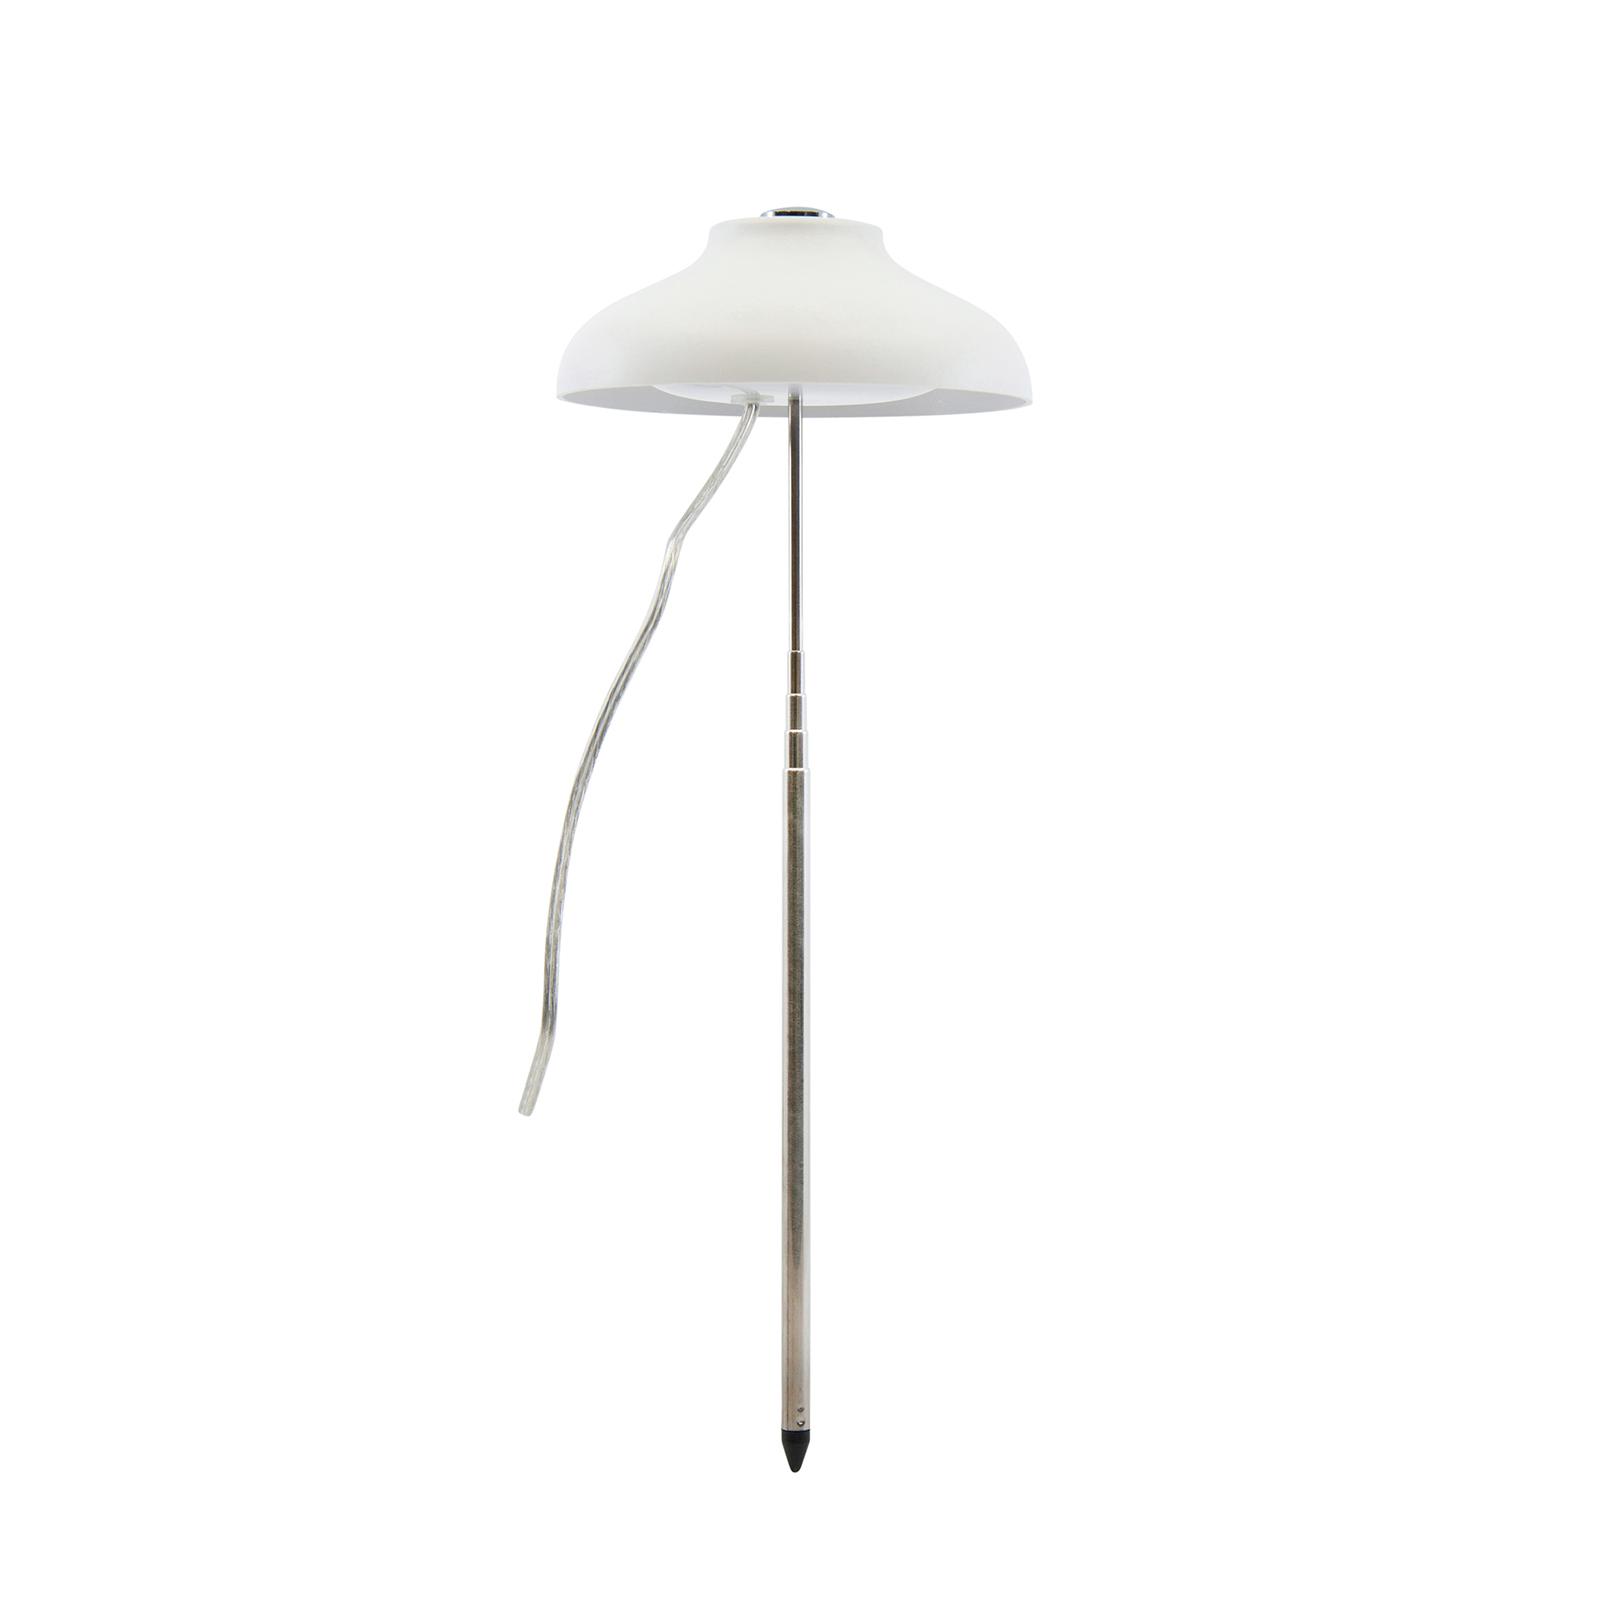 Home Grown Indoor Umbrella Grow Light Adjustable